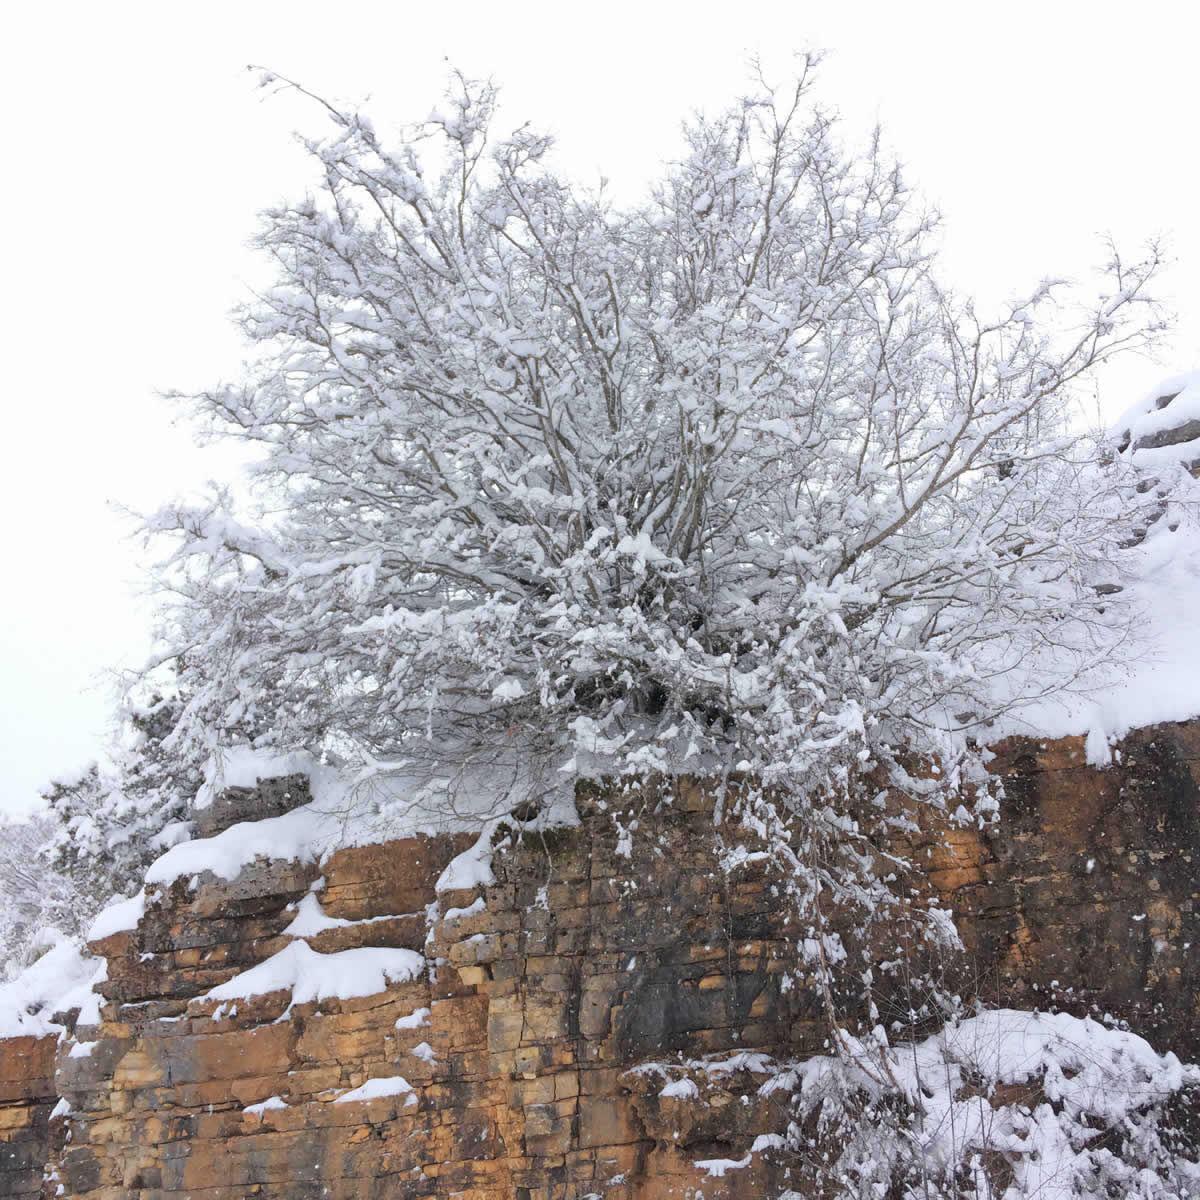 Winter scenery close to Kipoi Village in Zagori